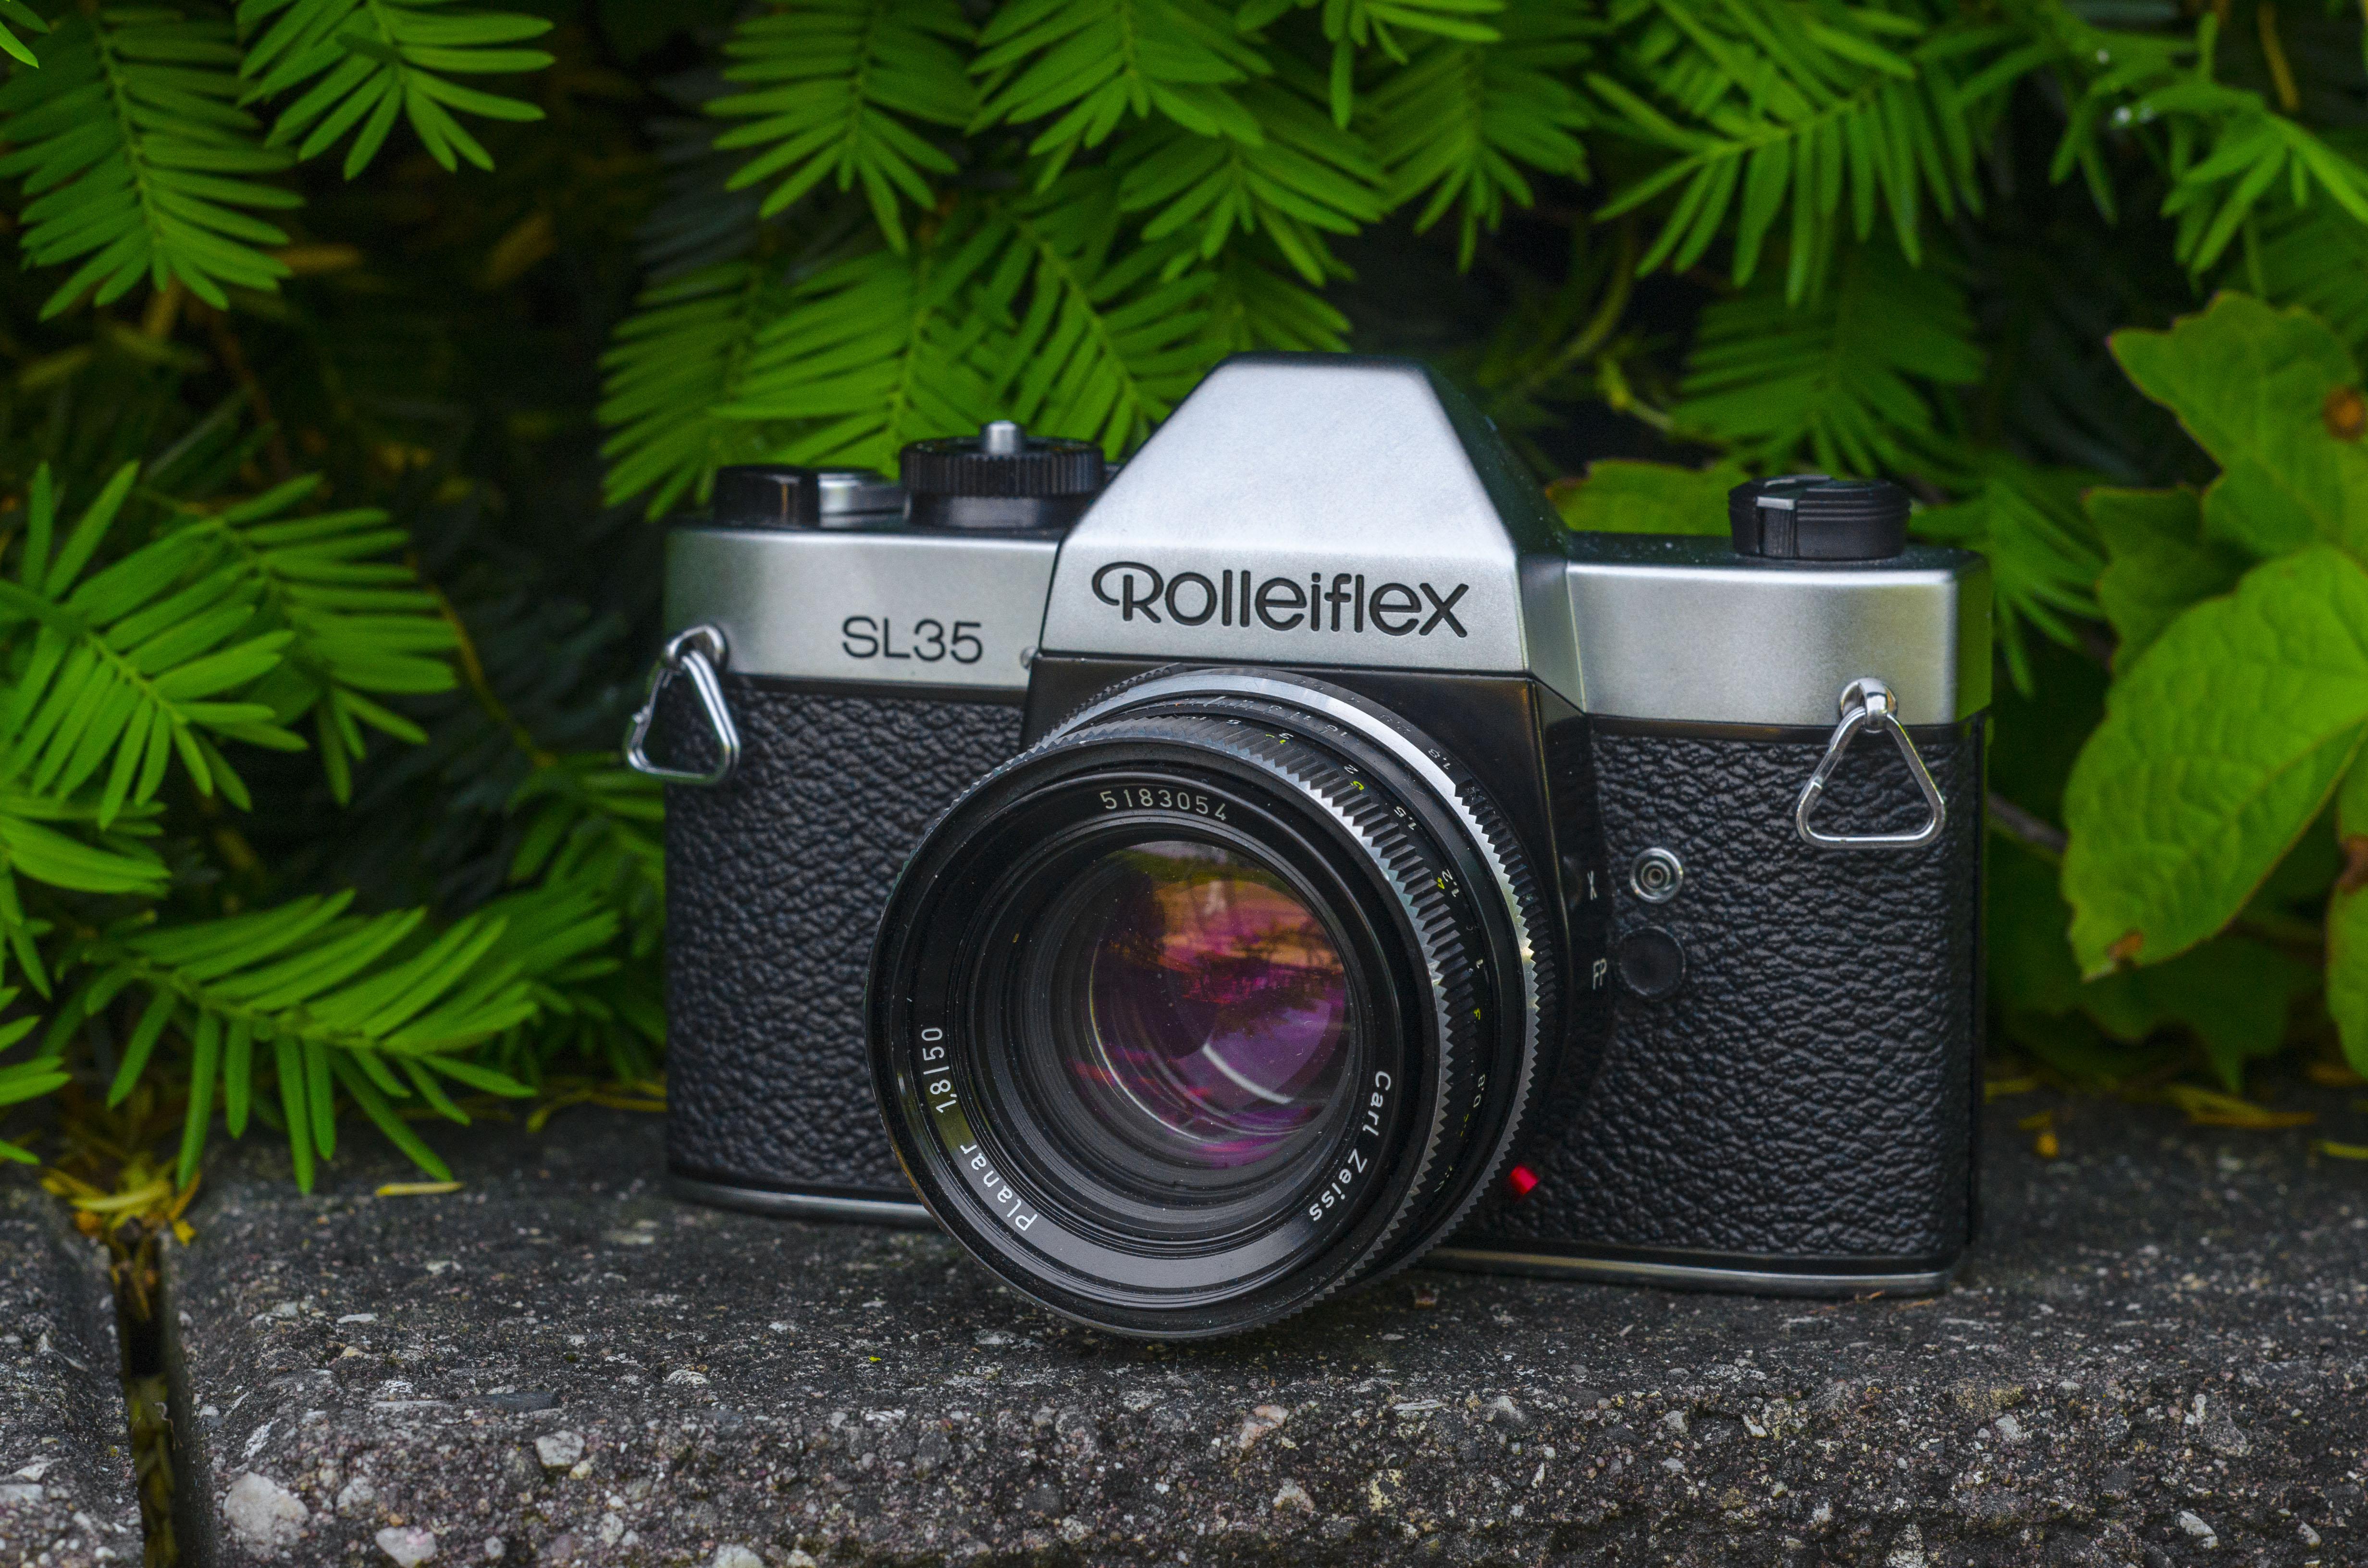 Rolleiflex SL35 (1970)